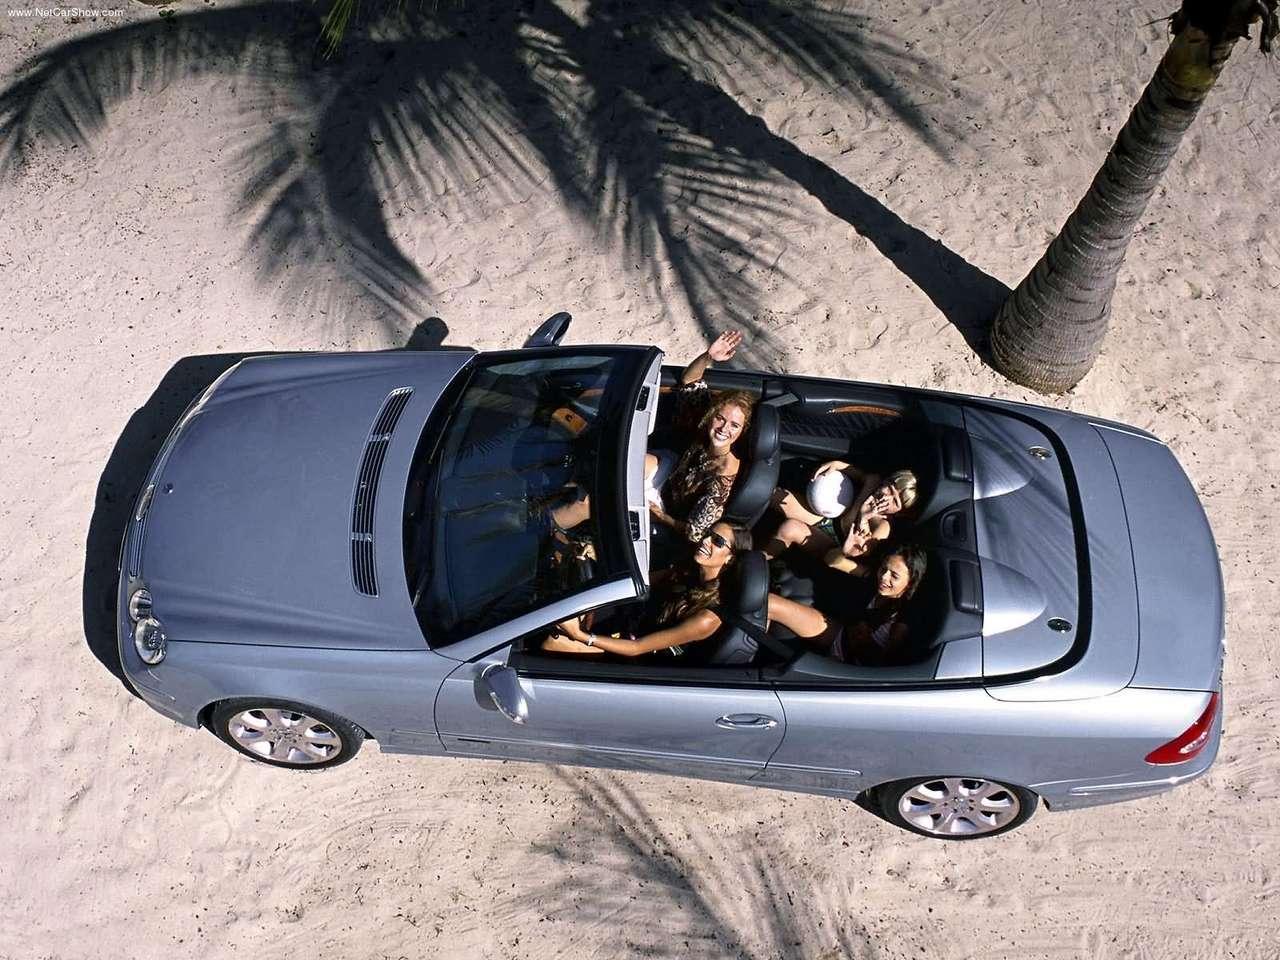 [Photos] Galerie : Les Beaux CLK (C209 & A209) pour le plaisir des yeux   Mercedes-Benz-CLK_Cabriolet_2004_1280x960_wallpaper_05